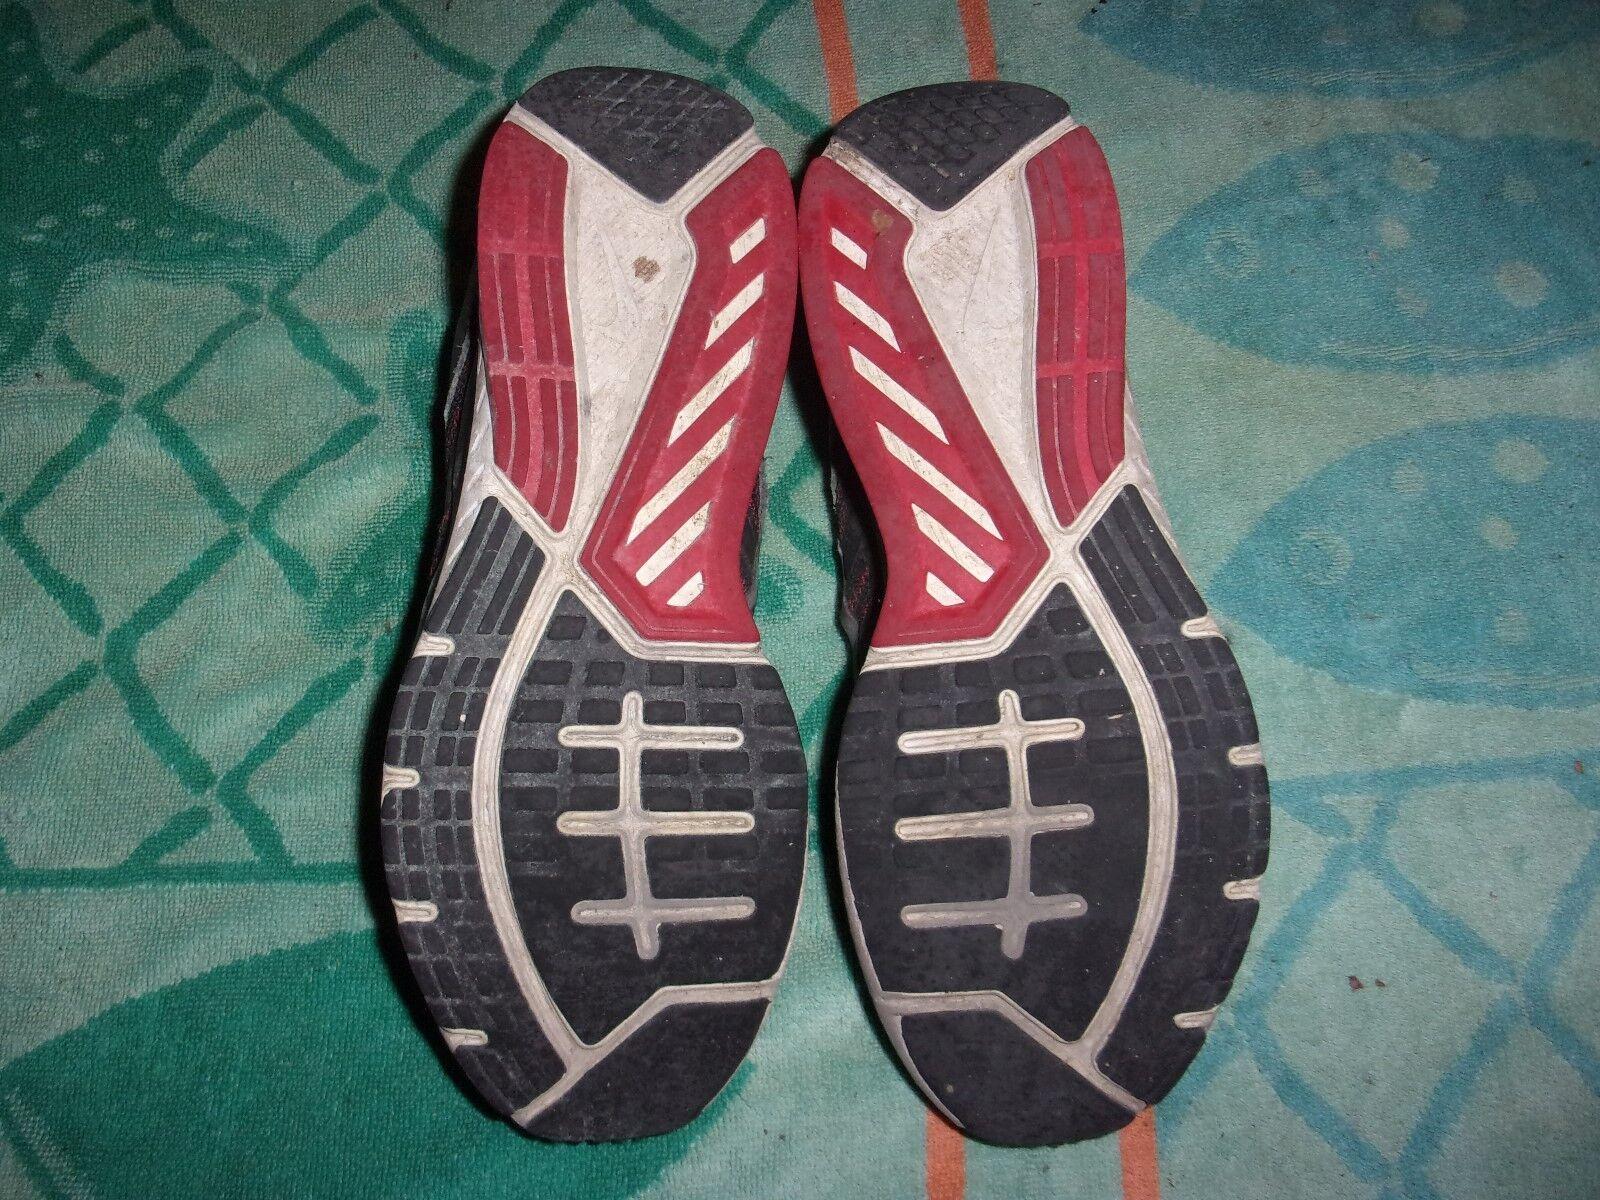 best website 87b69 d5f90 ... Nike Nike Nike DART XII SHOES MEN S SIZE 8 073f88